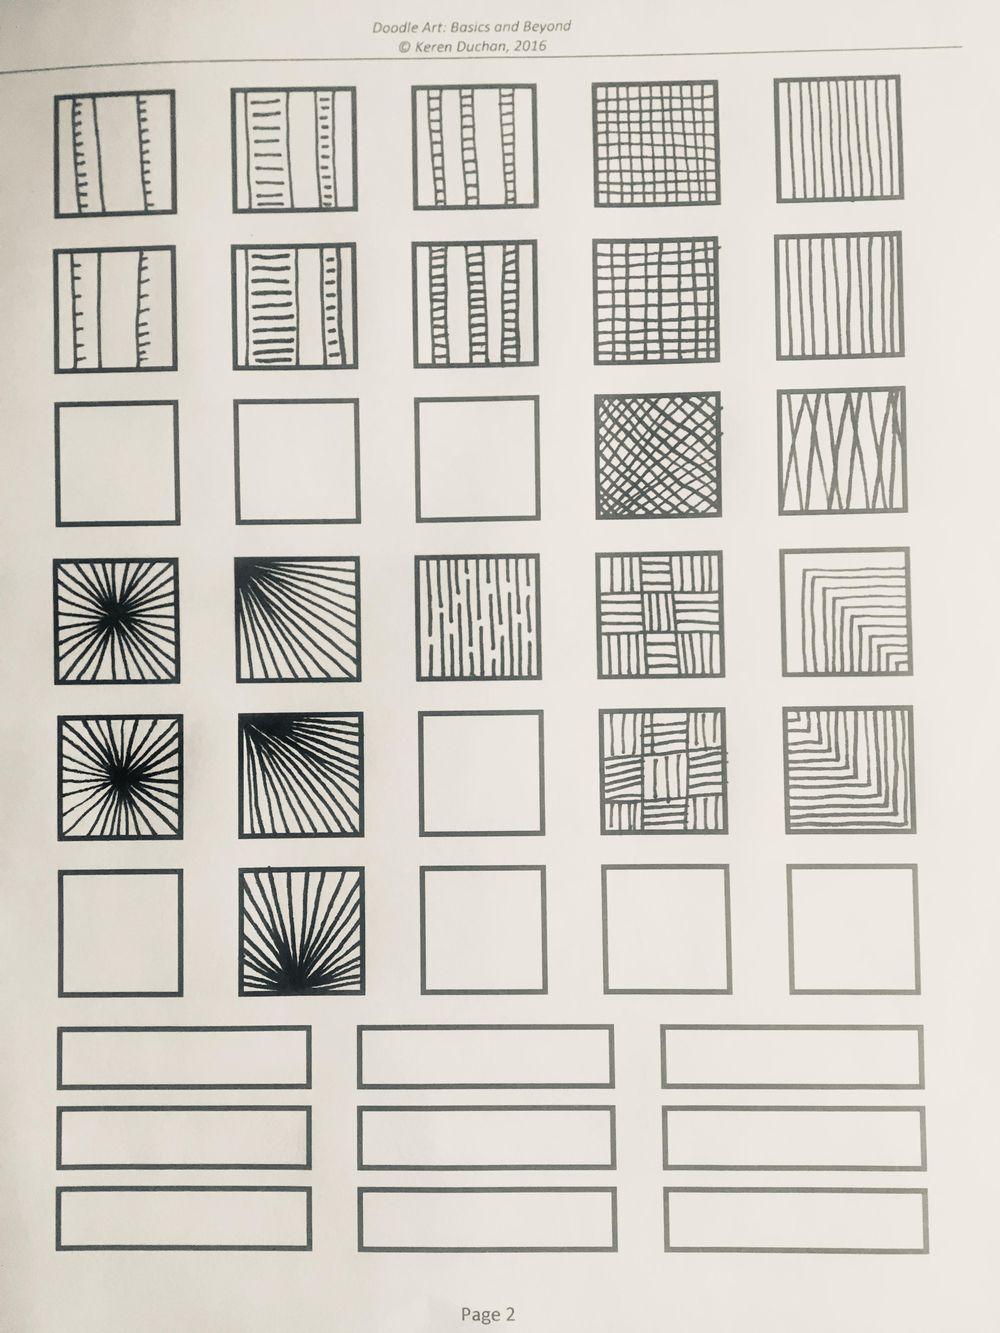 Seun's doodles - image 2 - student project